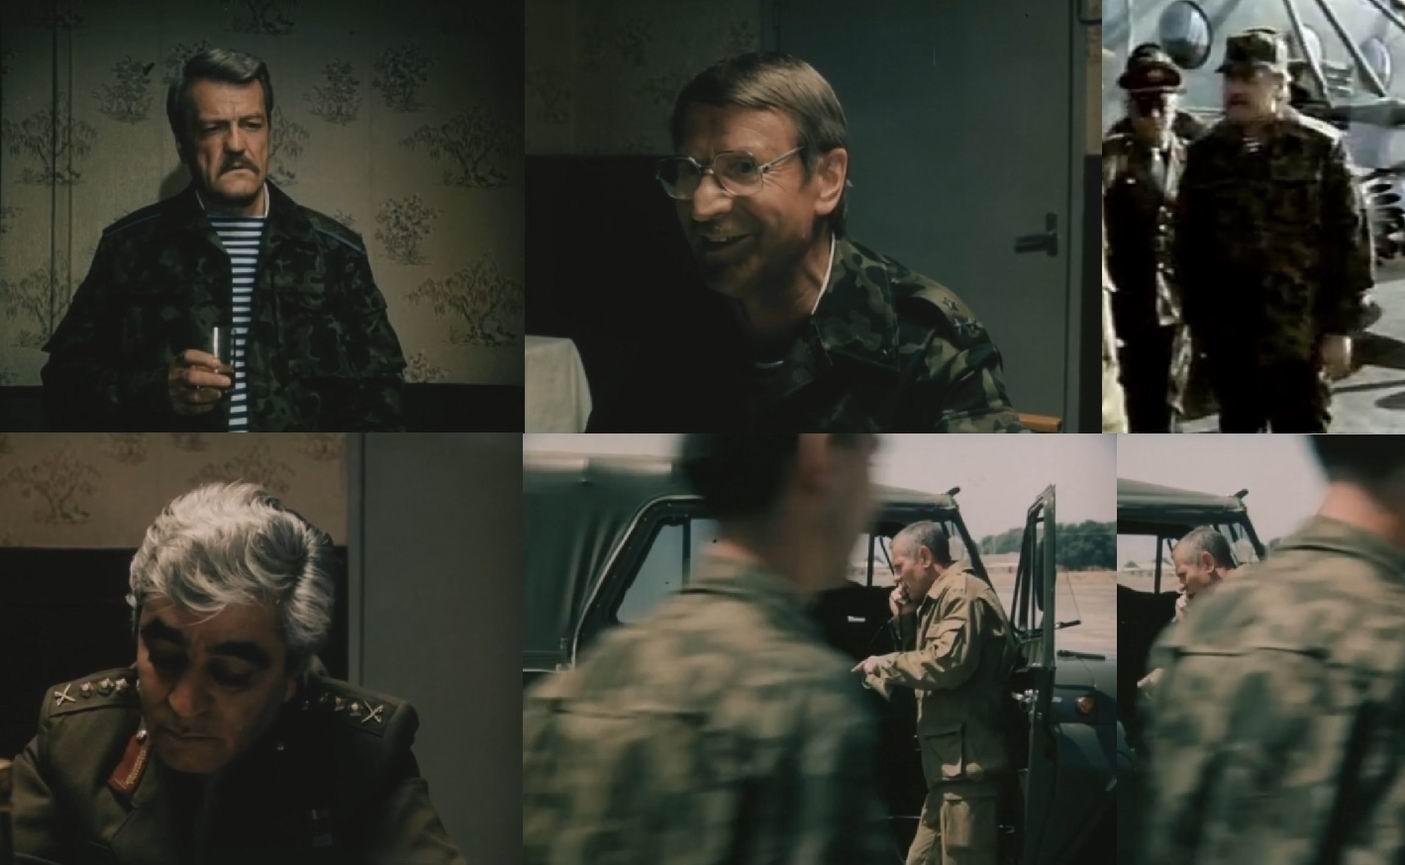 Слева внизу - помимо генерала, полковника и летчиков, в бутане на долю секунды мелькает какой-то военнослужащий, проходящий мимо подполковника Наумова.